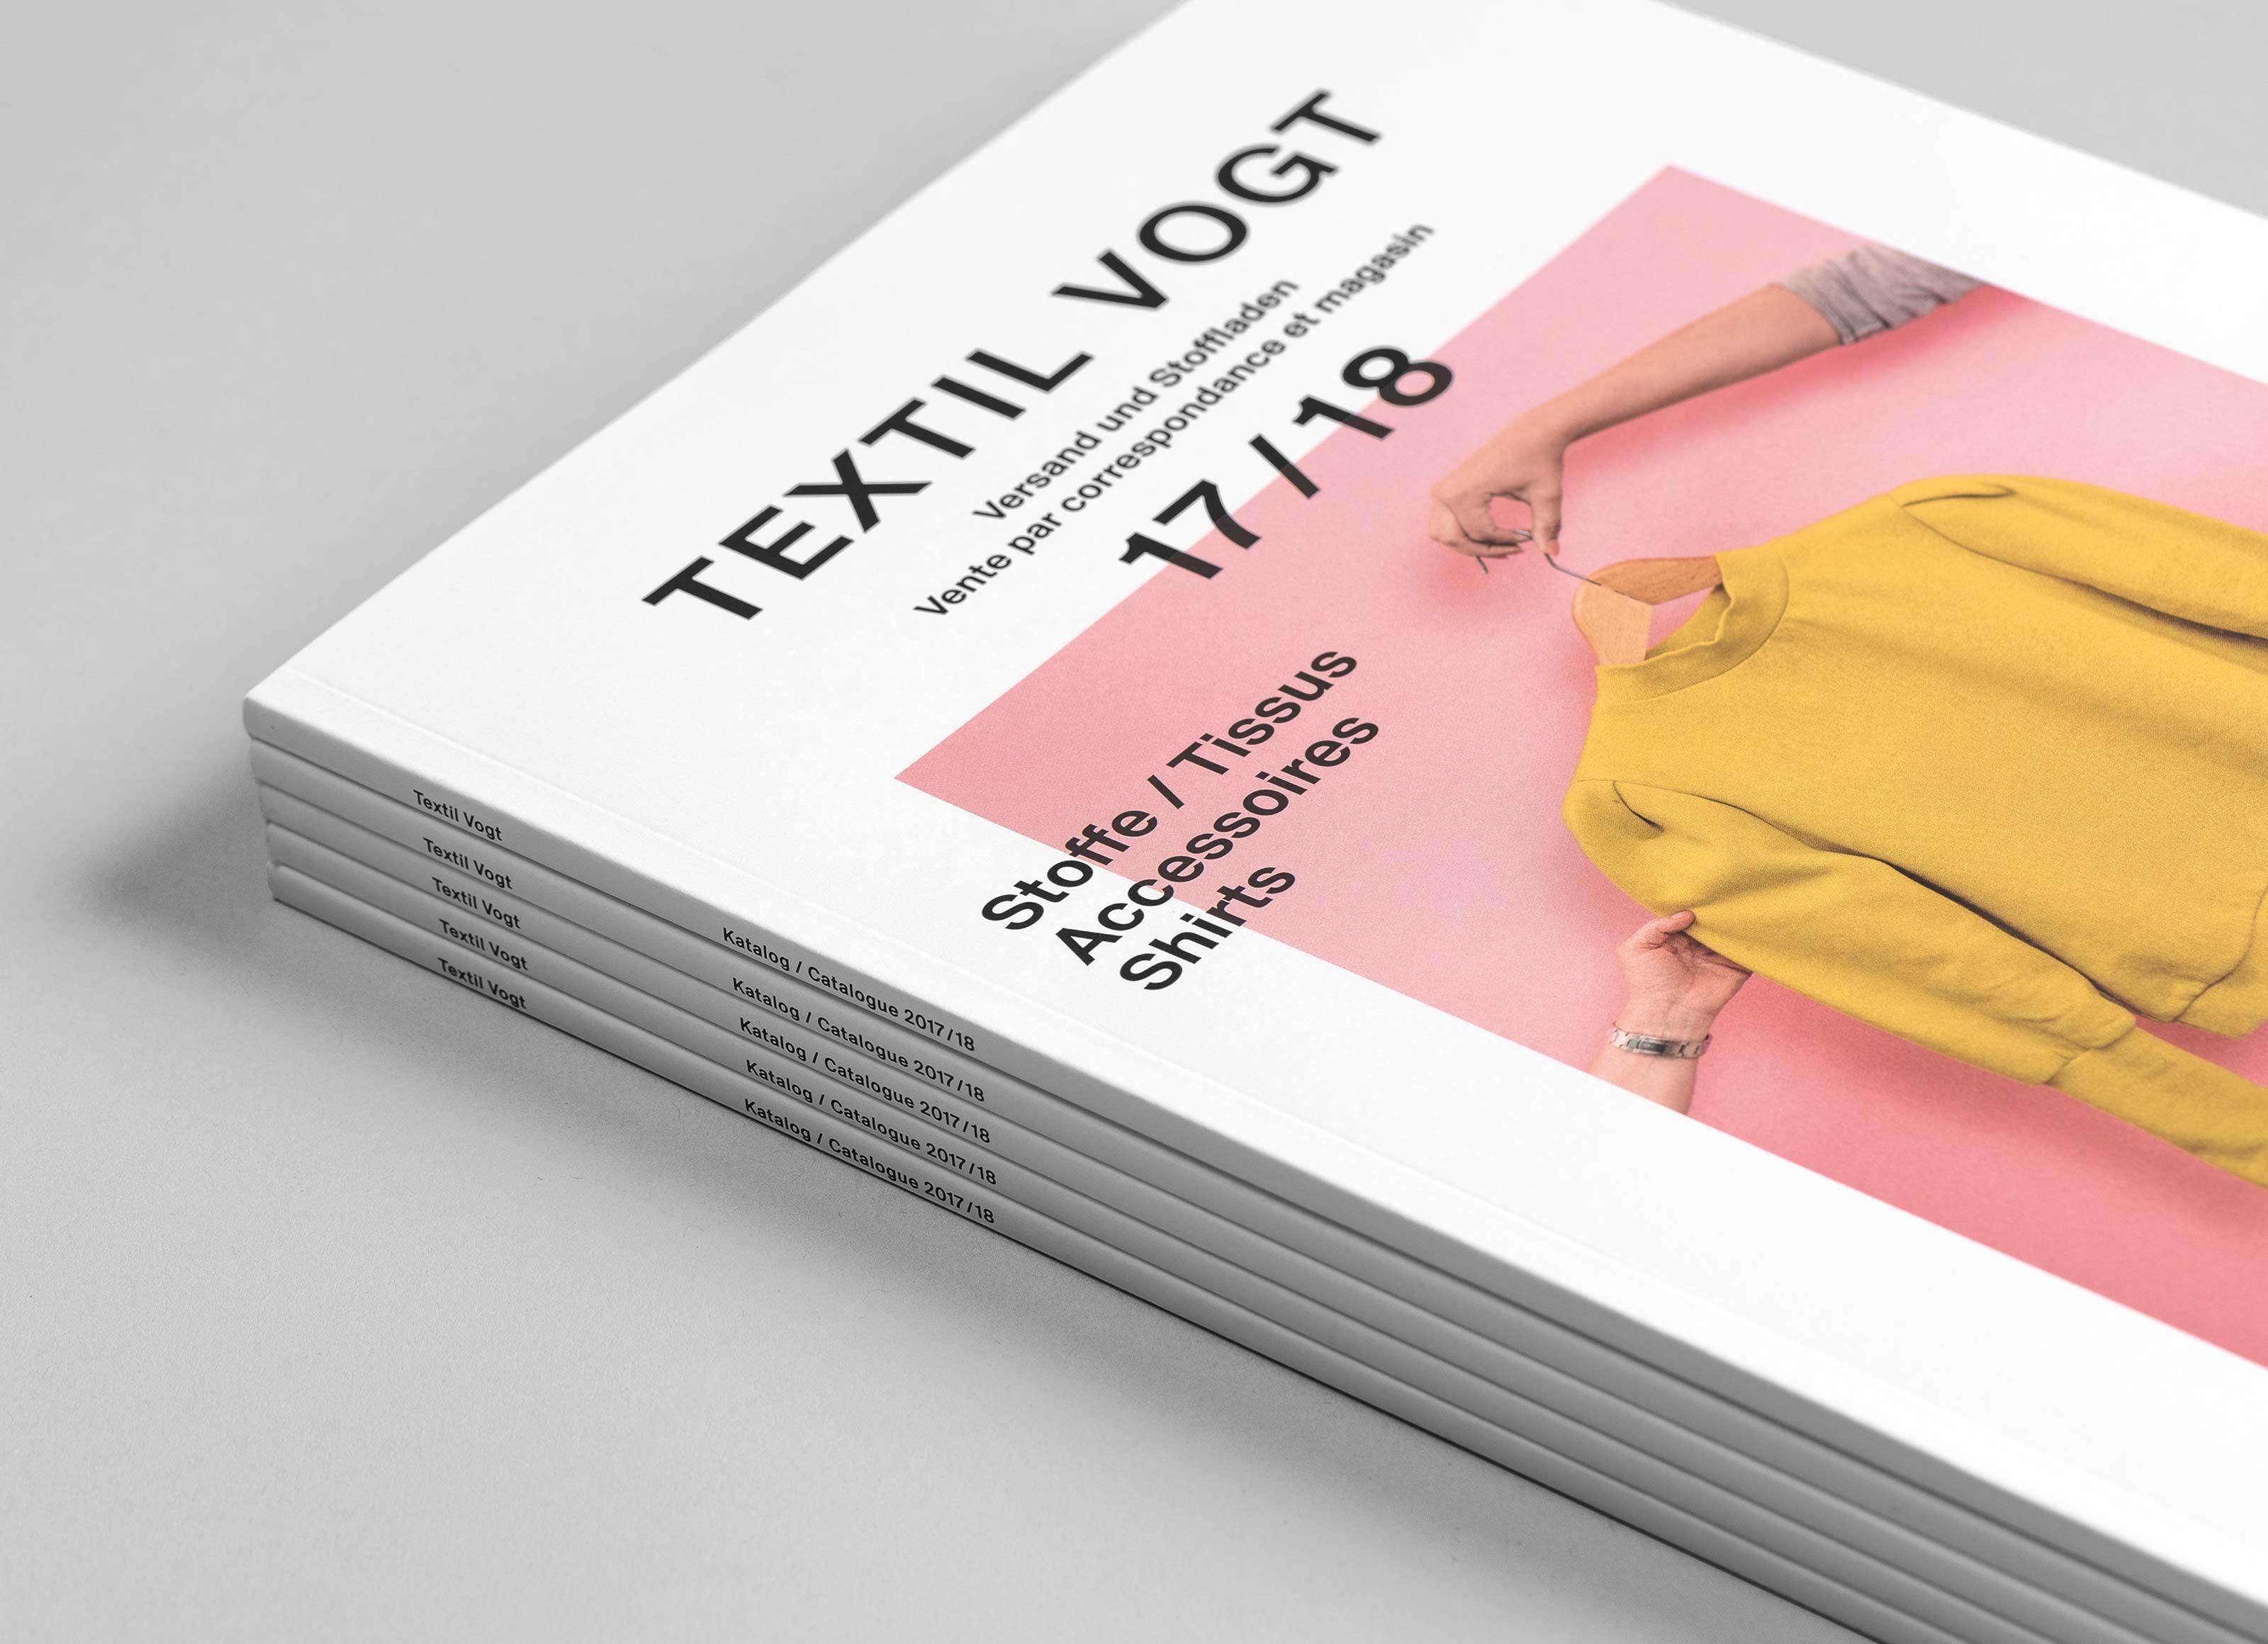 Textil Tricot Vogt – Katalog 2017/18, stack ©Atelier Pol × Barbara Hess